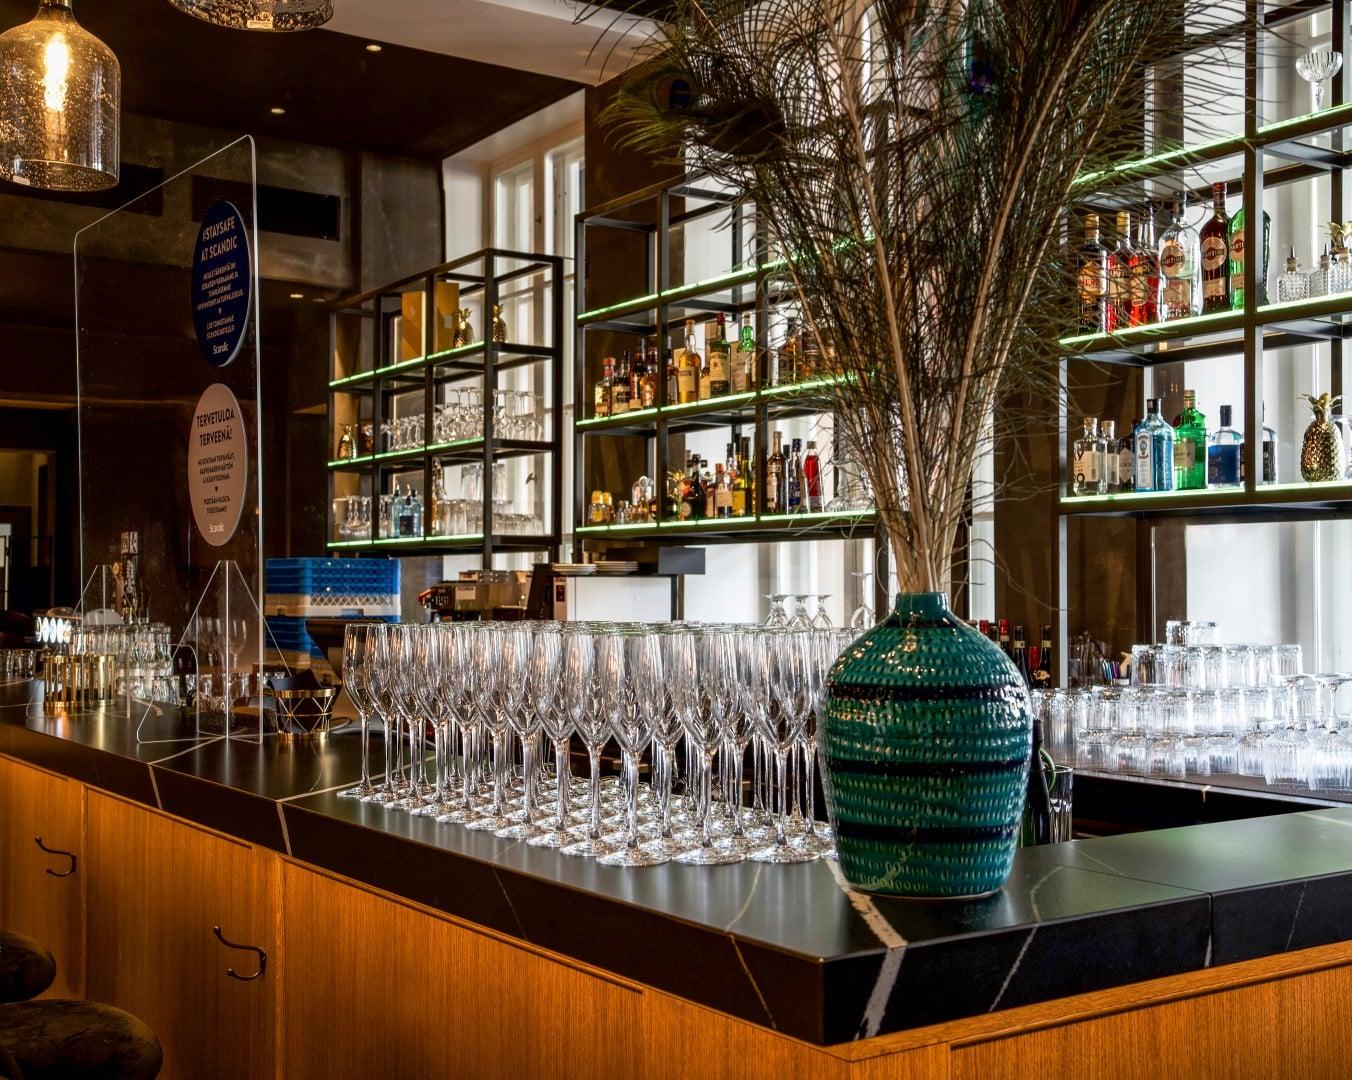 Hotel Scandic Grand Central Finland  - Cosentino casestudy hotel grand central interior3 DSC0558 53